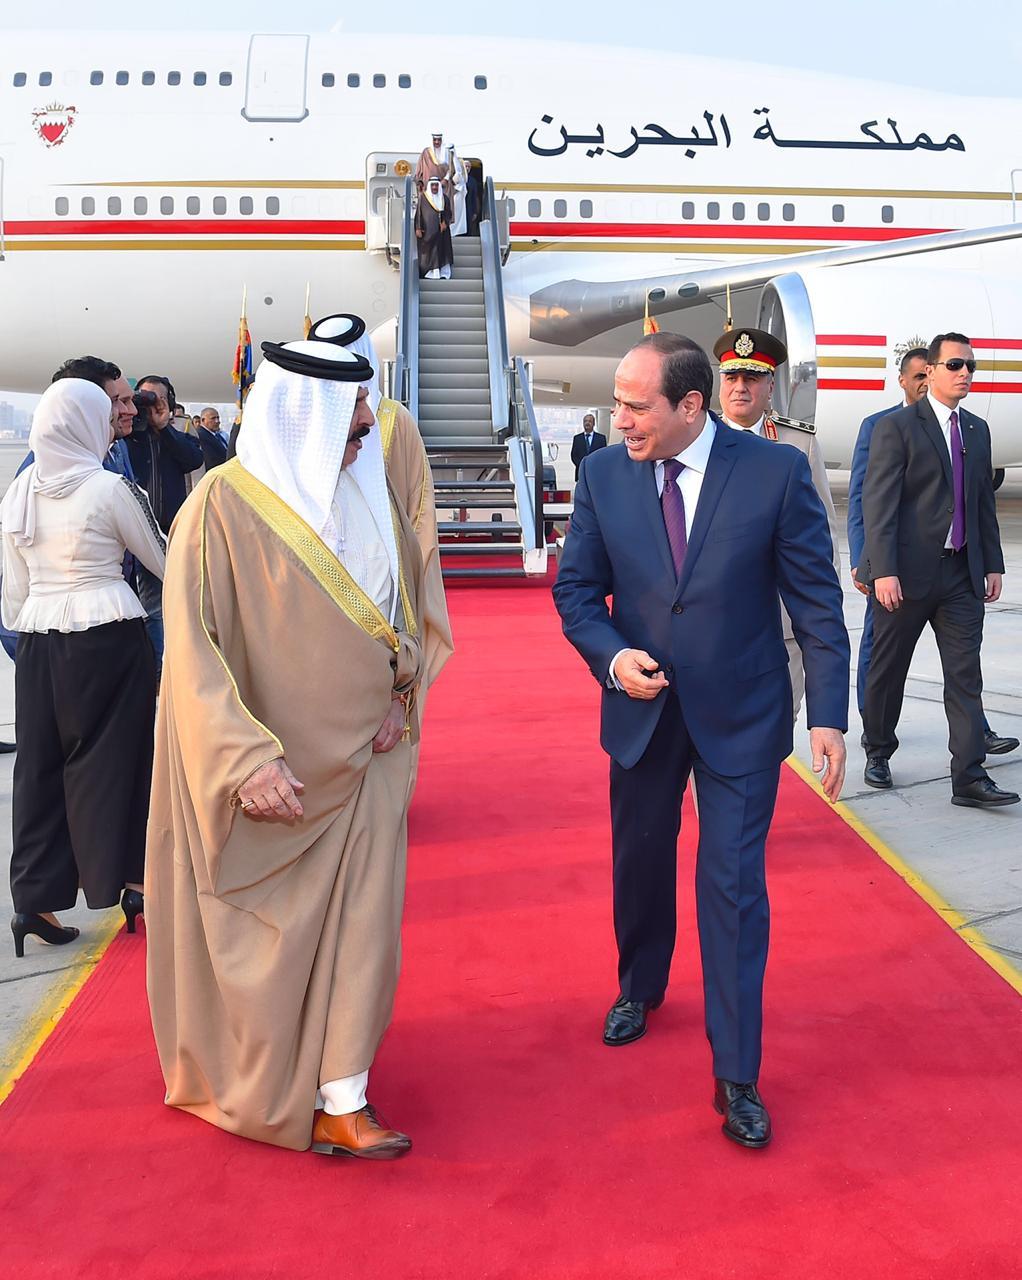 عبد الفتاح السيسي و الملك حمد بن عيسى آل خليفة ملك مملكة البحرين (7)